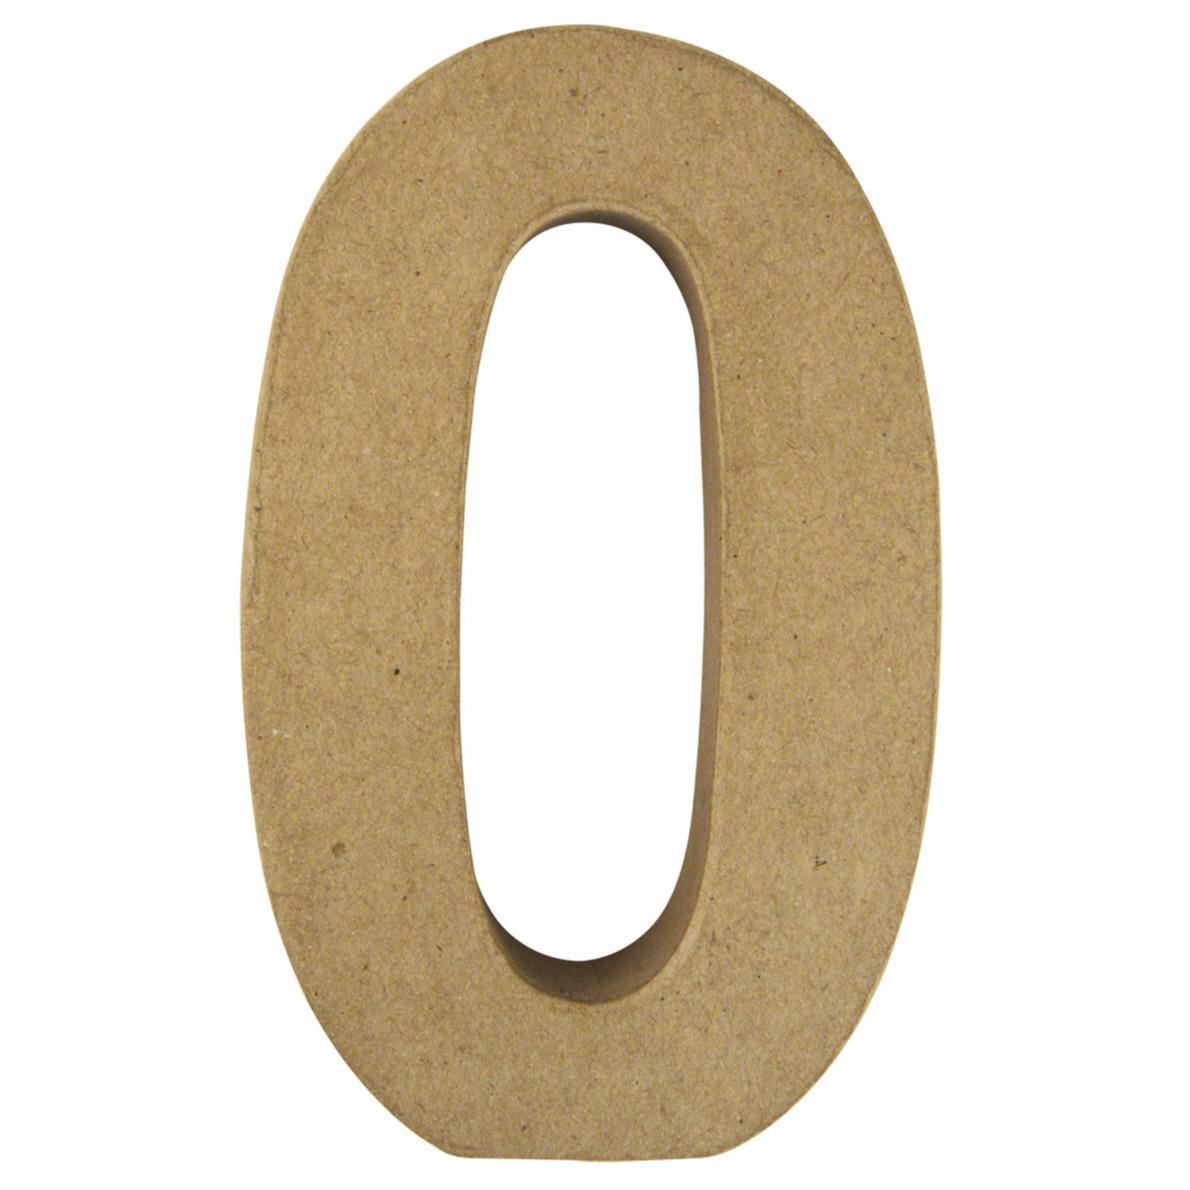 Cijfer 0 van papier mache onbeschilderd